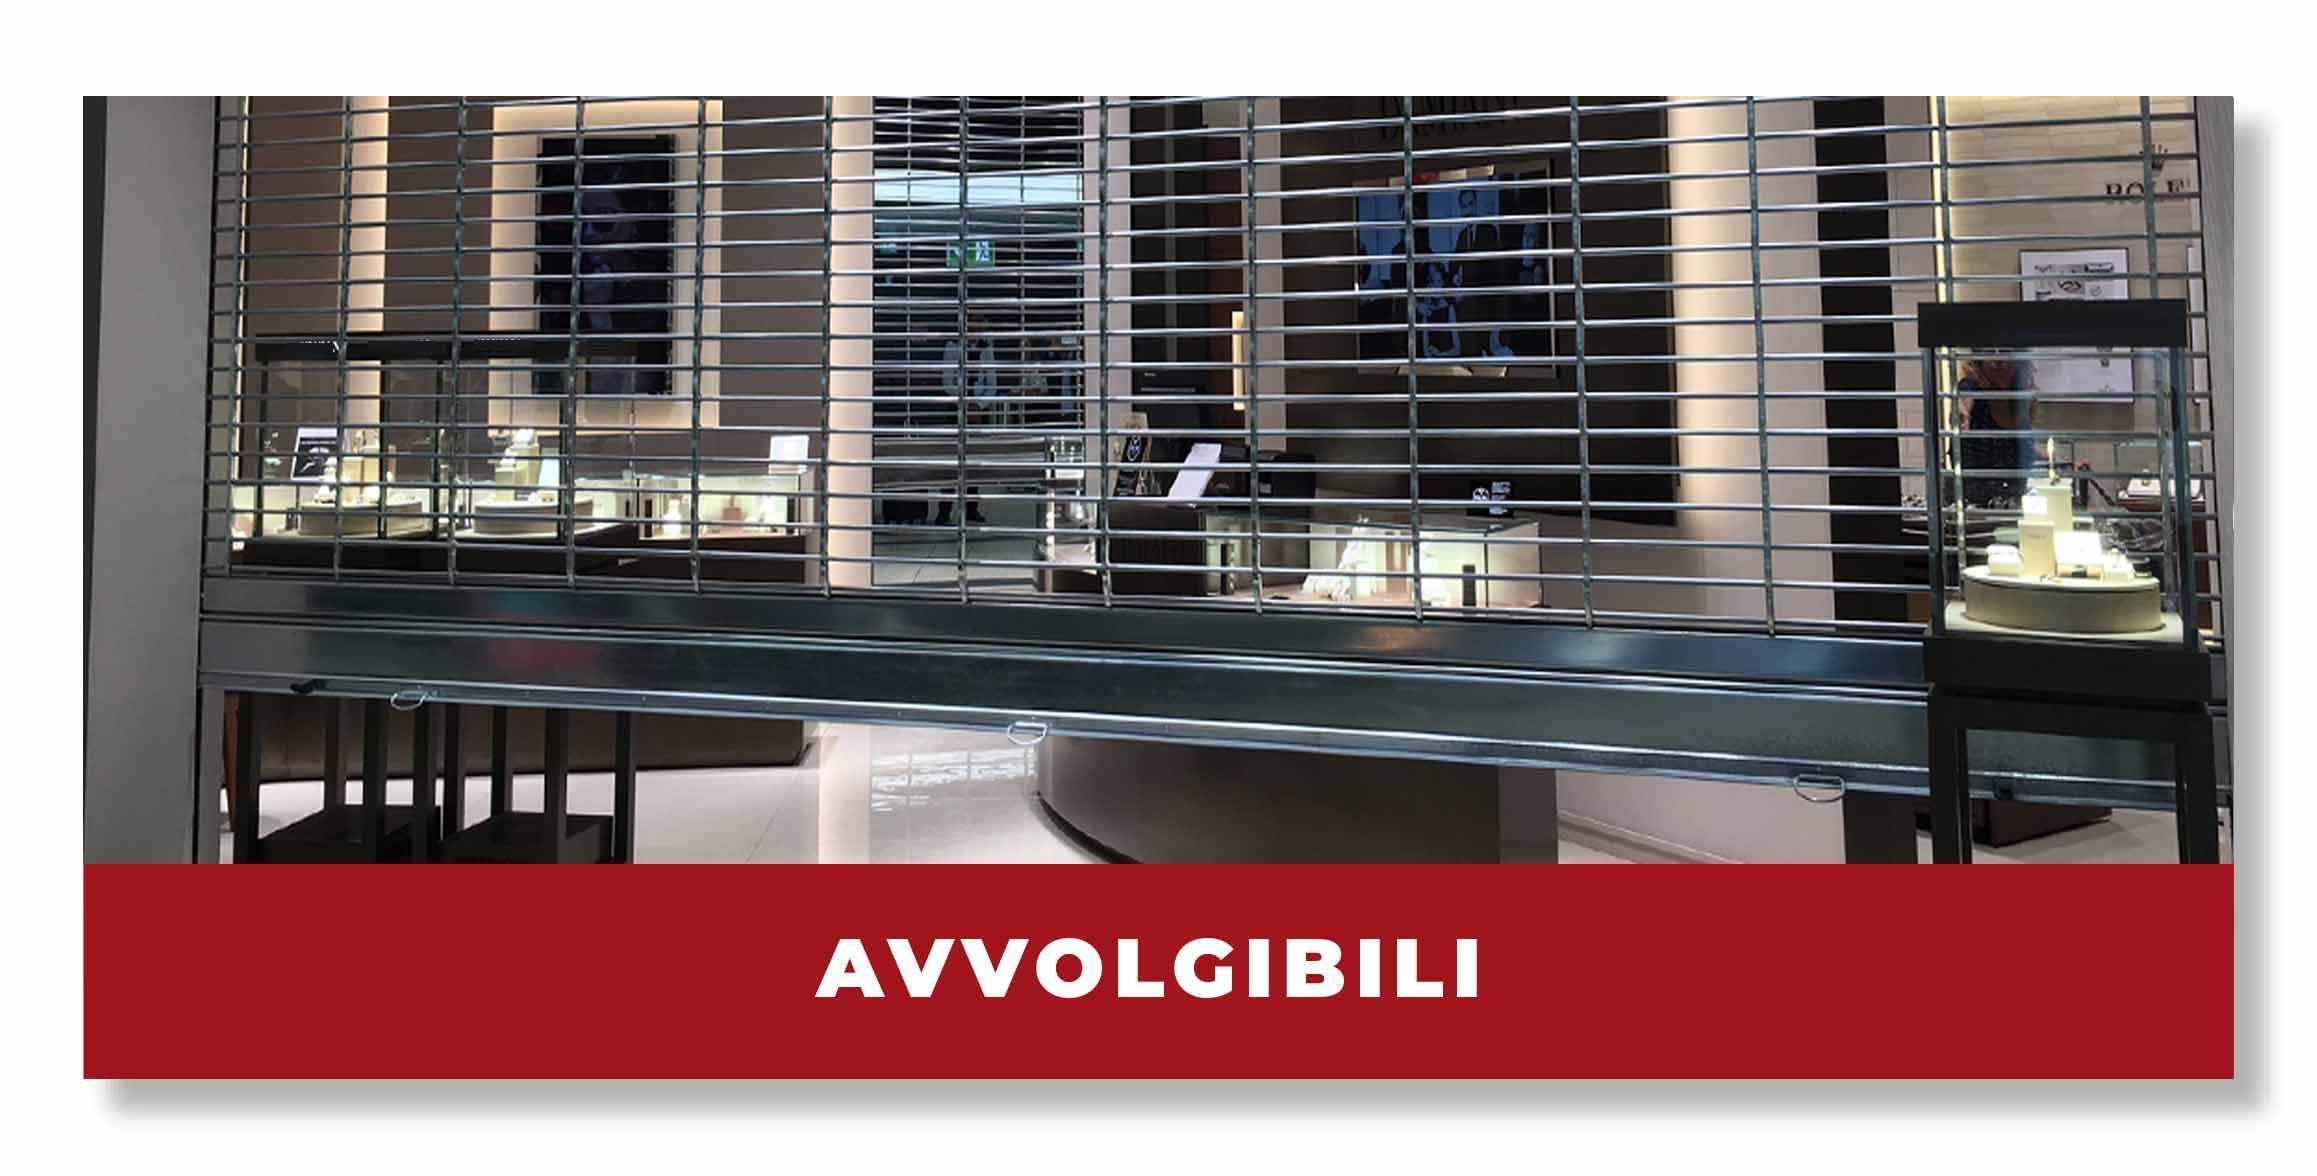 avvolgibili vendita installazione produzione su misura torino nuova rolltende attiivtà ristoranti bar hotel.jpg